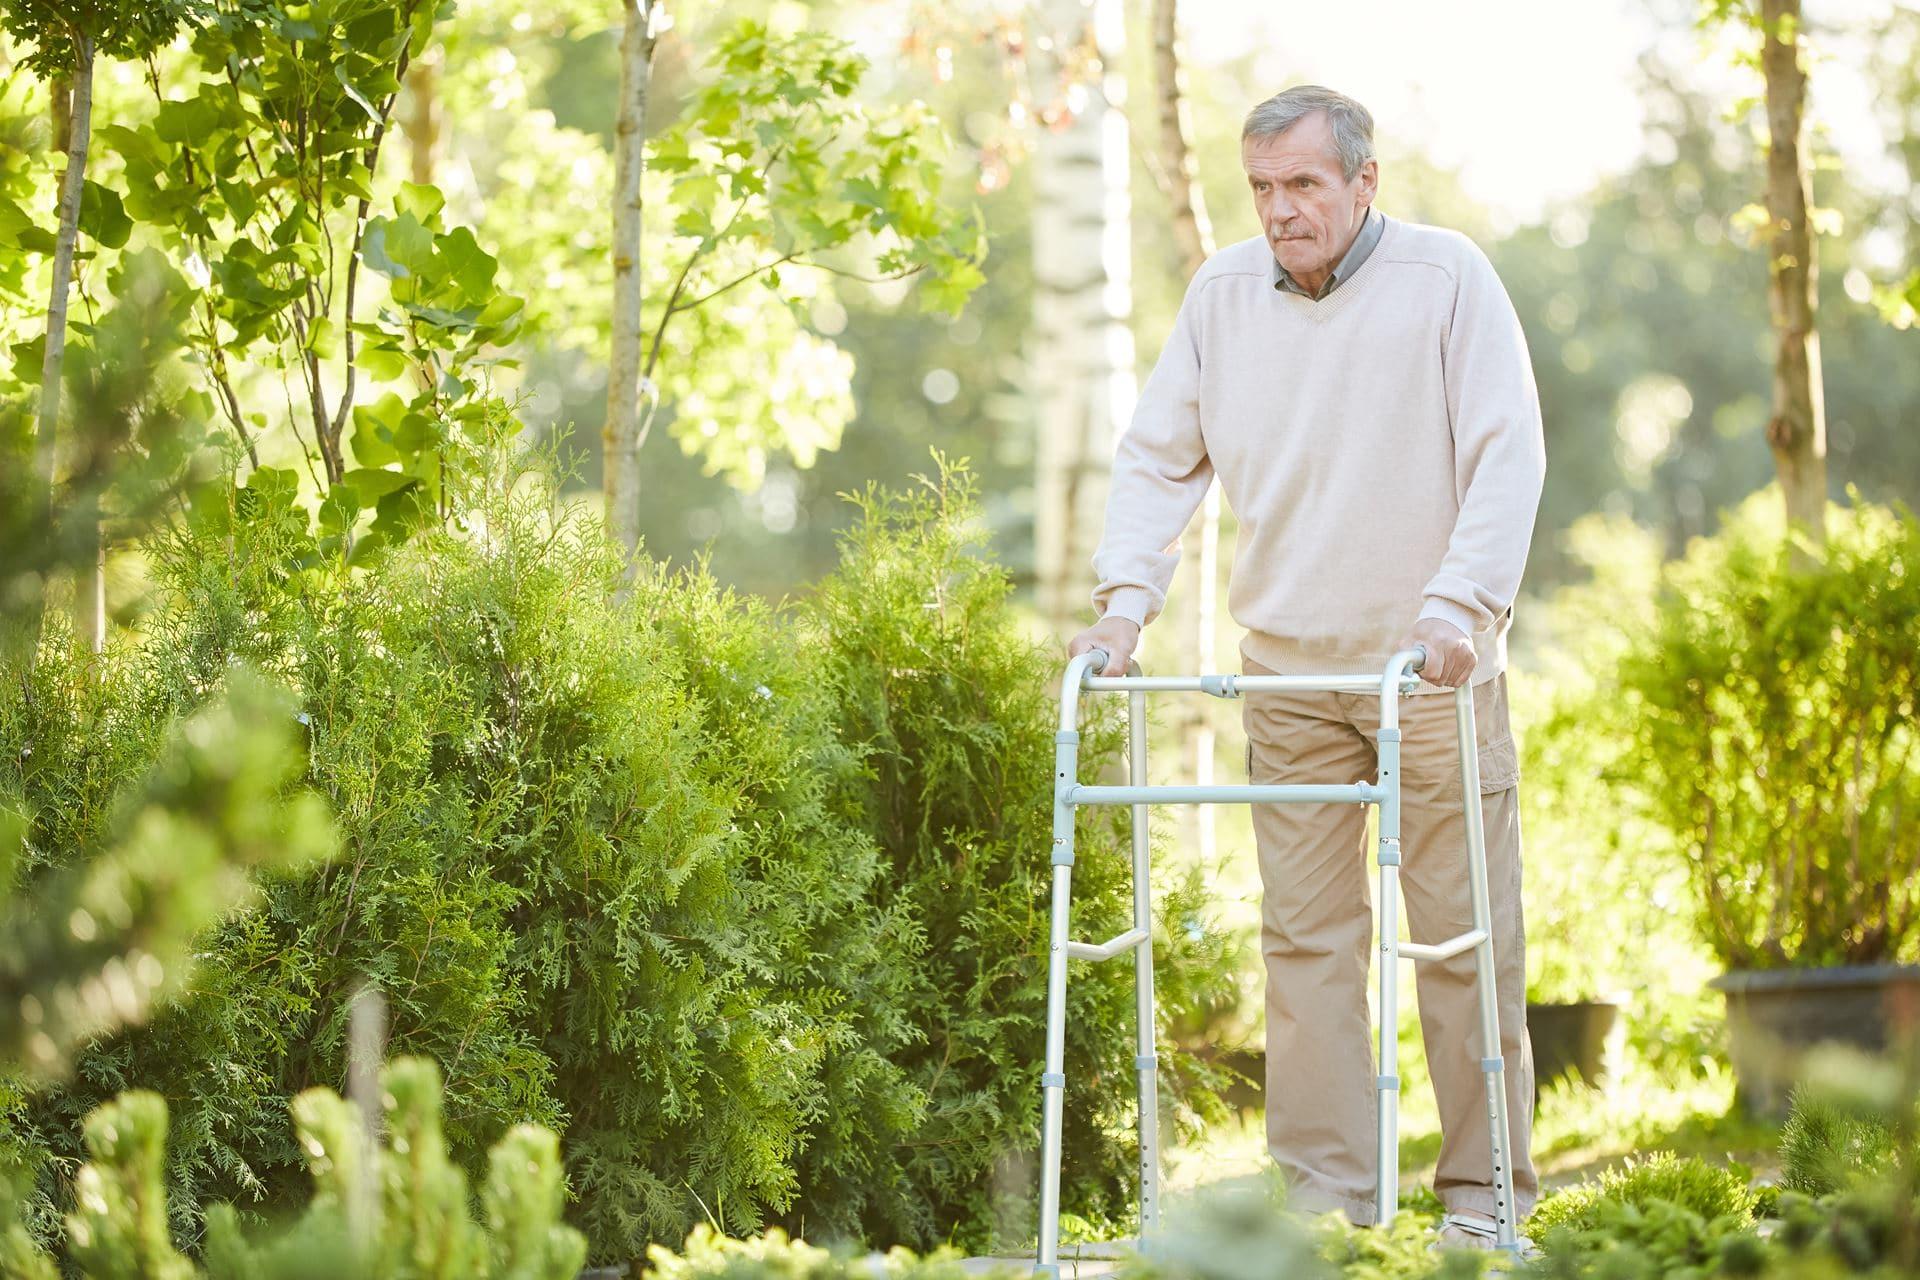 שיקום הליכה מחוץ לבית - Restart Therapy מומחים בשיקום פרטי בבית הלקוח